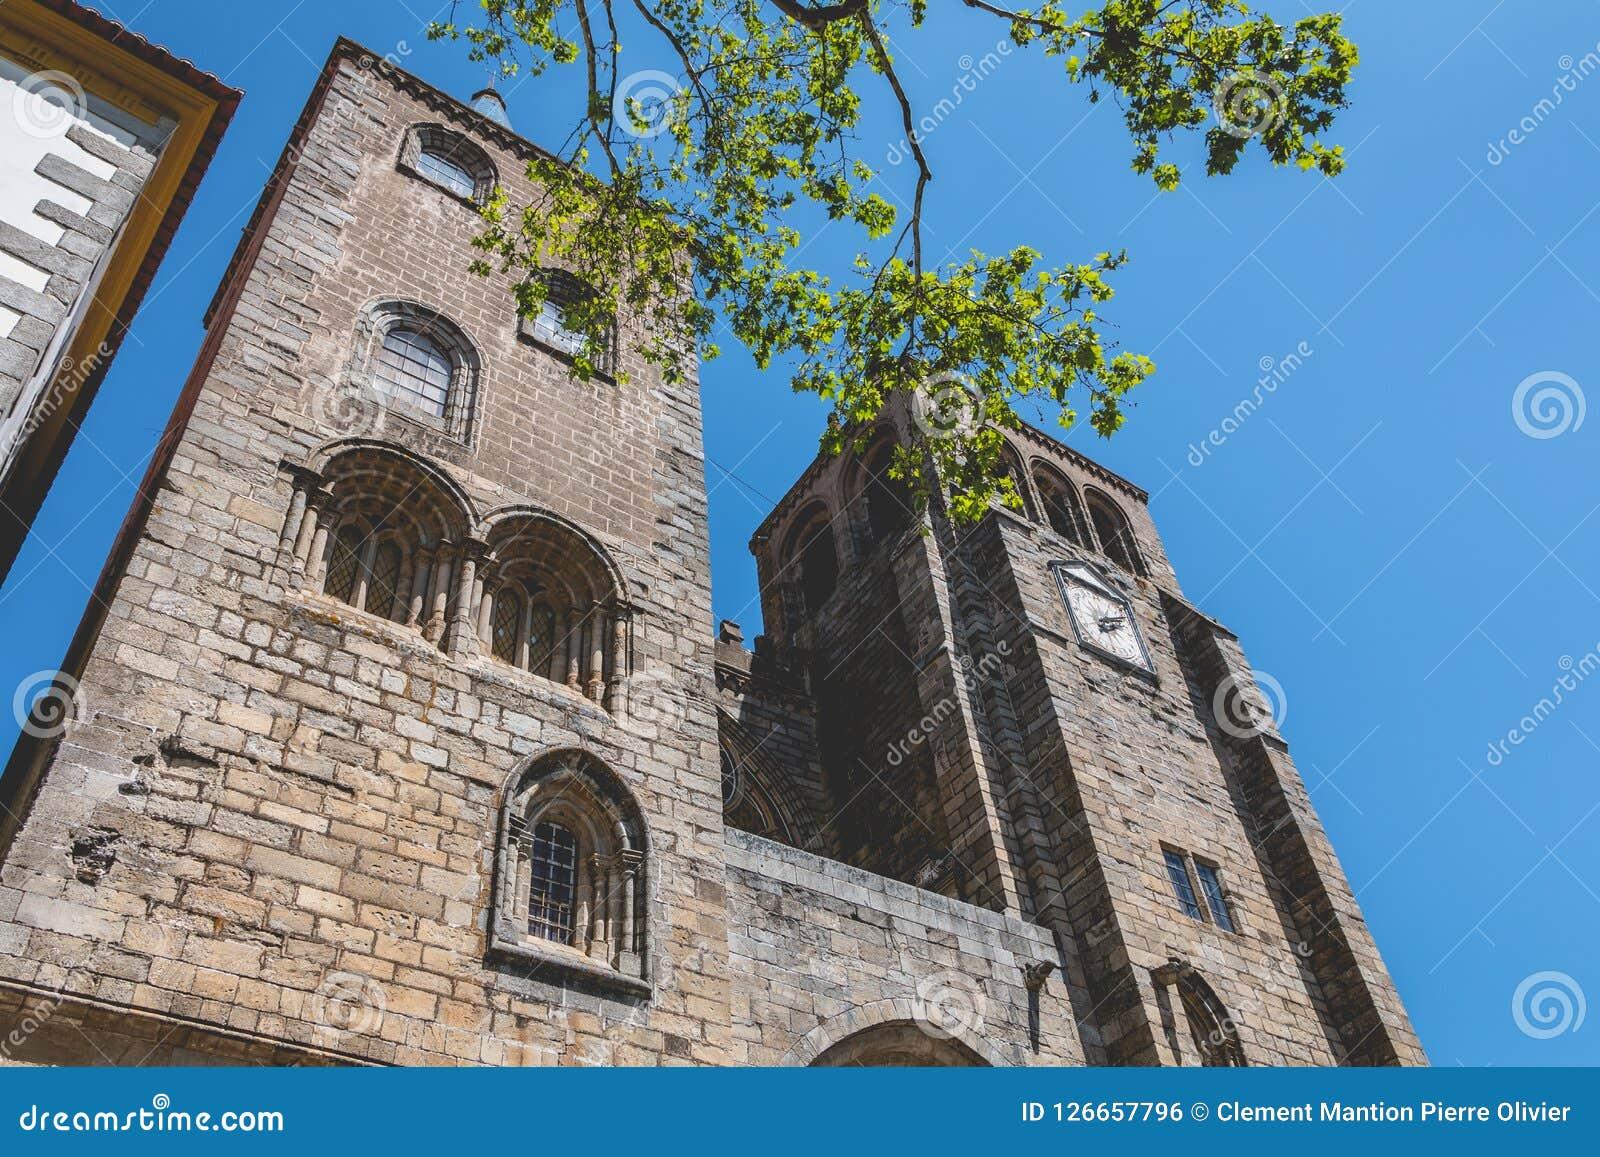 Καθεδρικός ναός βασιλικών η κυρία μας της υπόθεσης της Evora